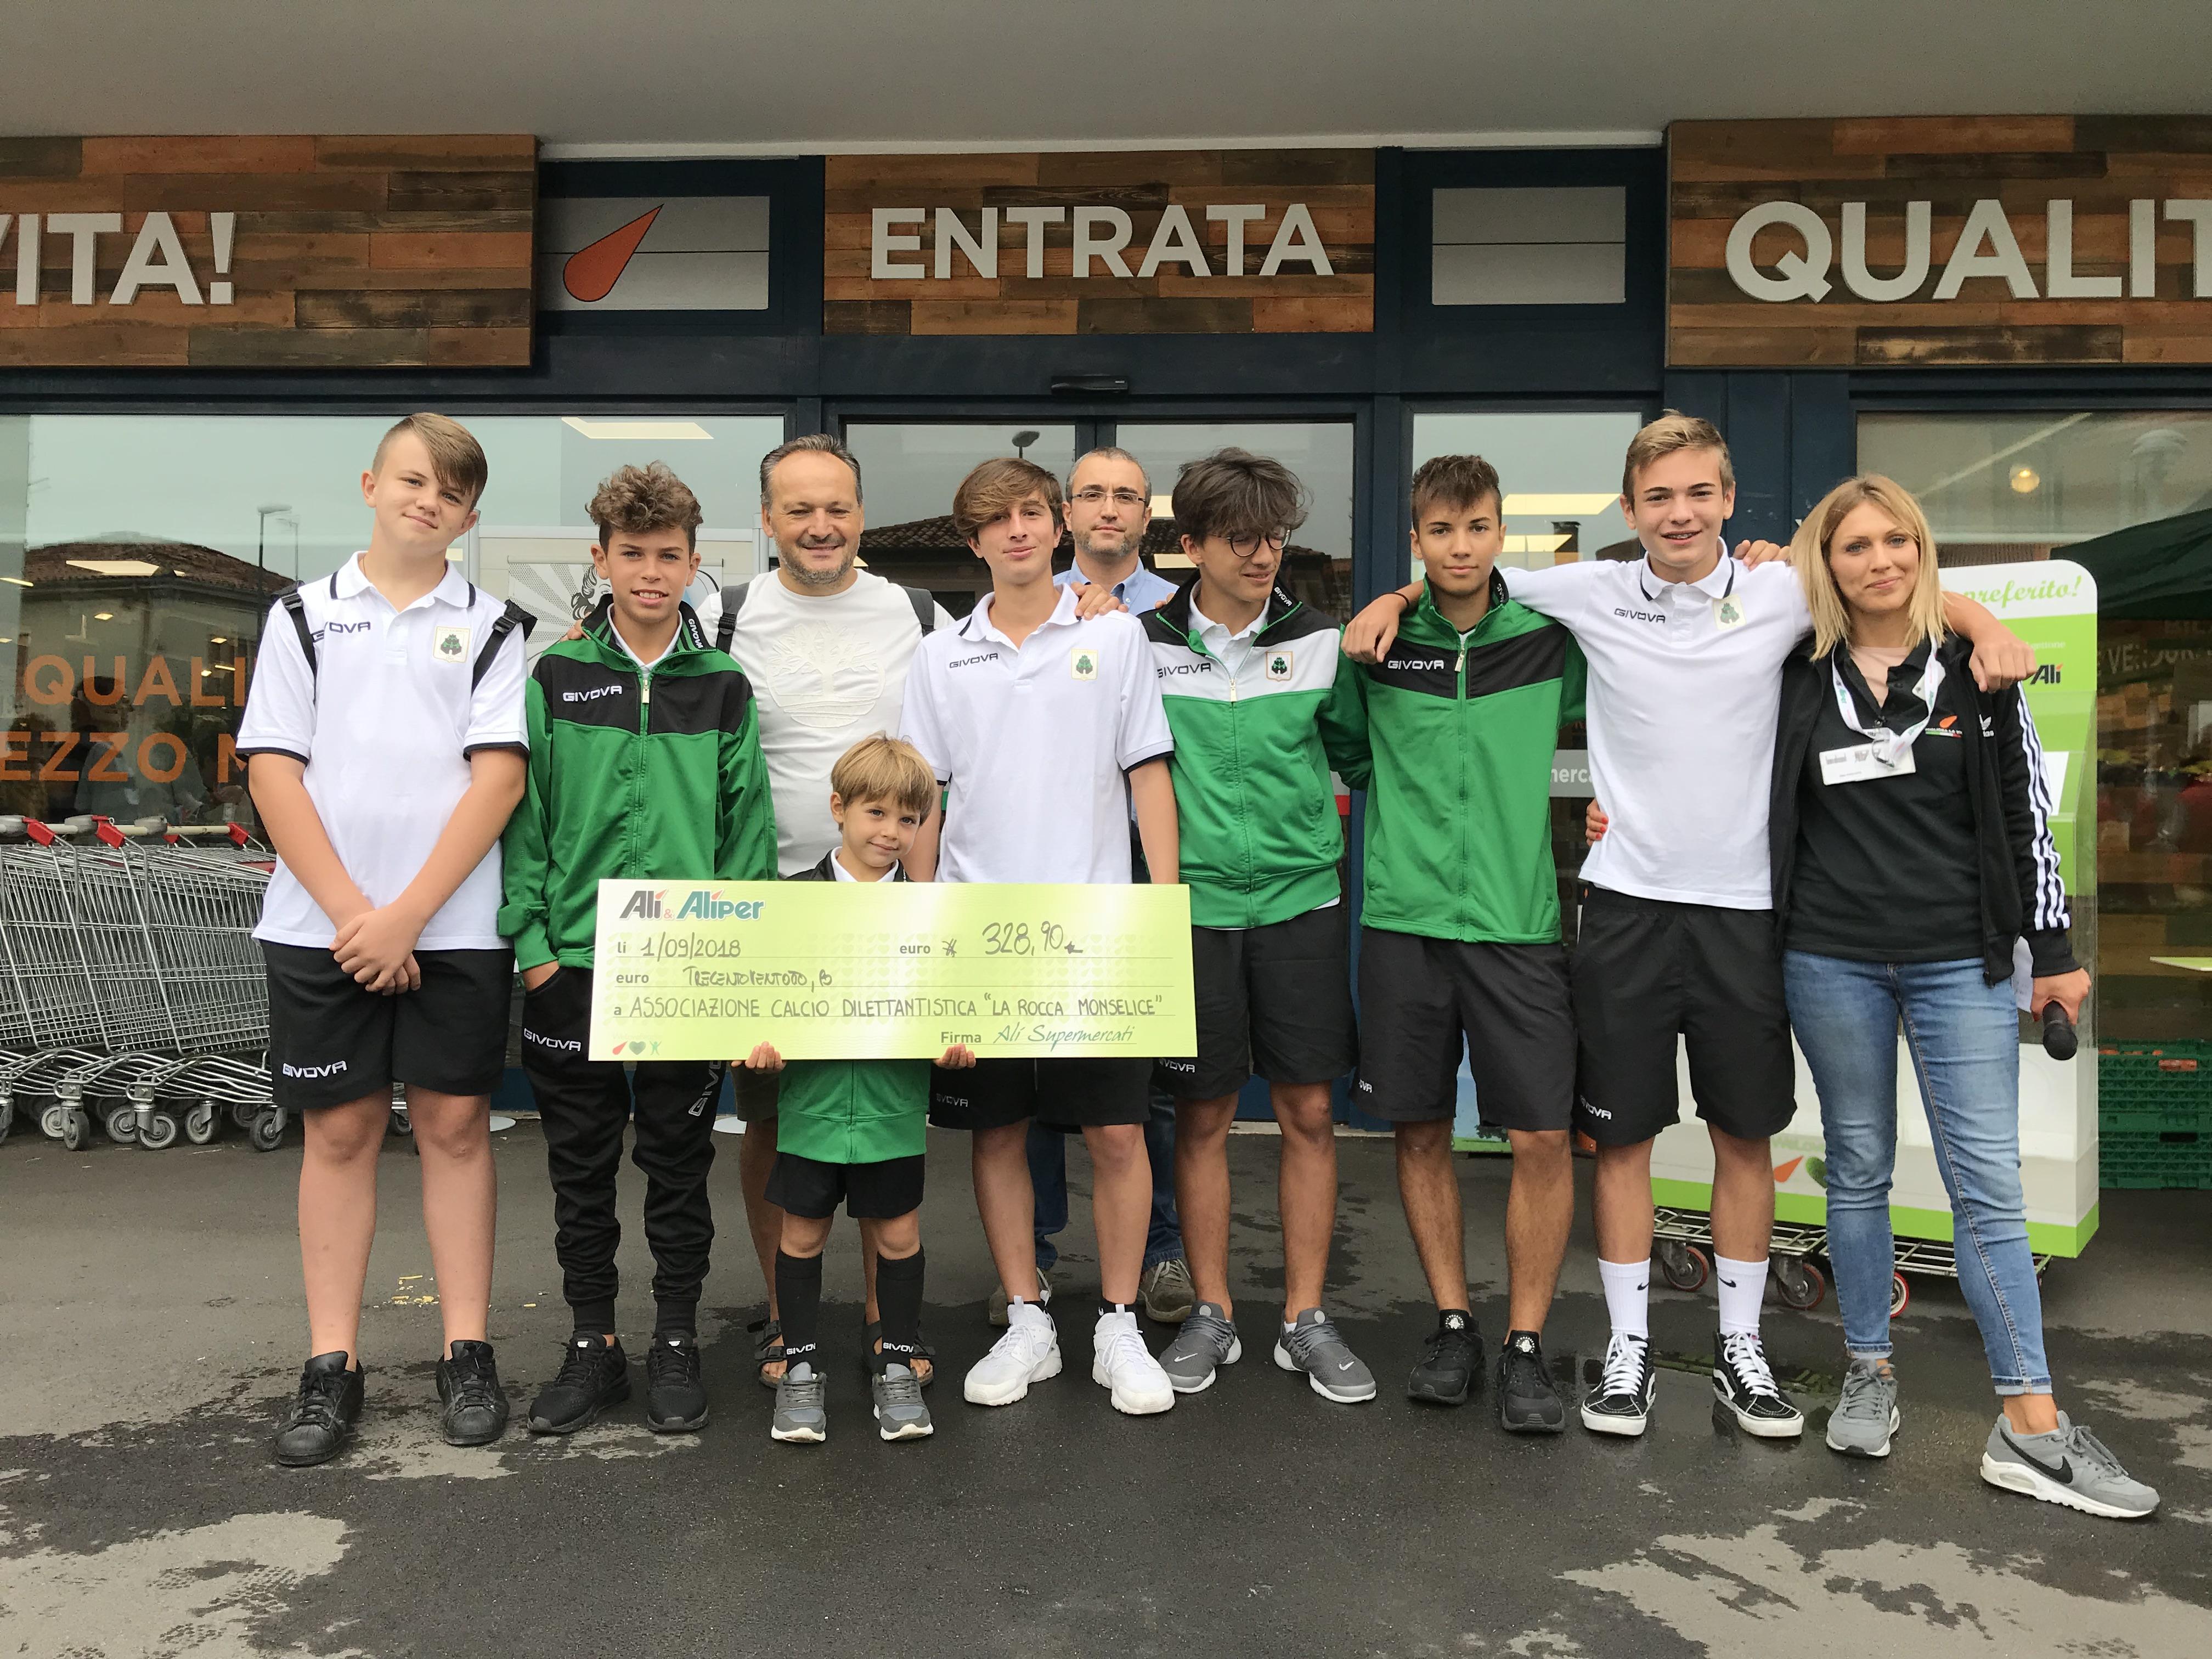 Con We Love People donati 4.000 € a Tresigallo, Monselice, Zero Branco e Rubano